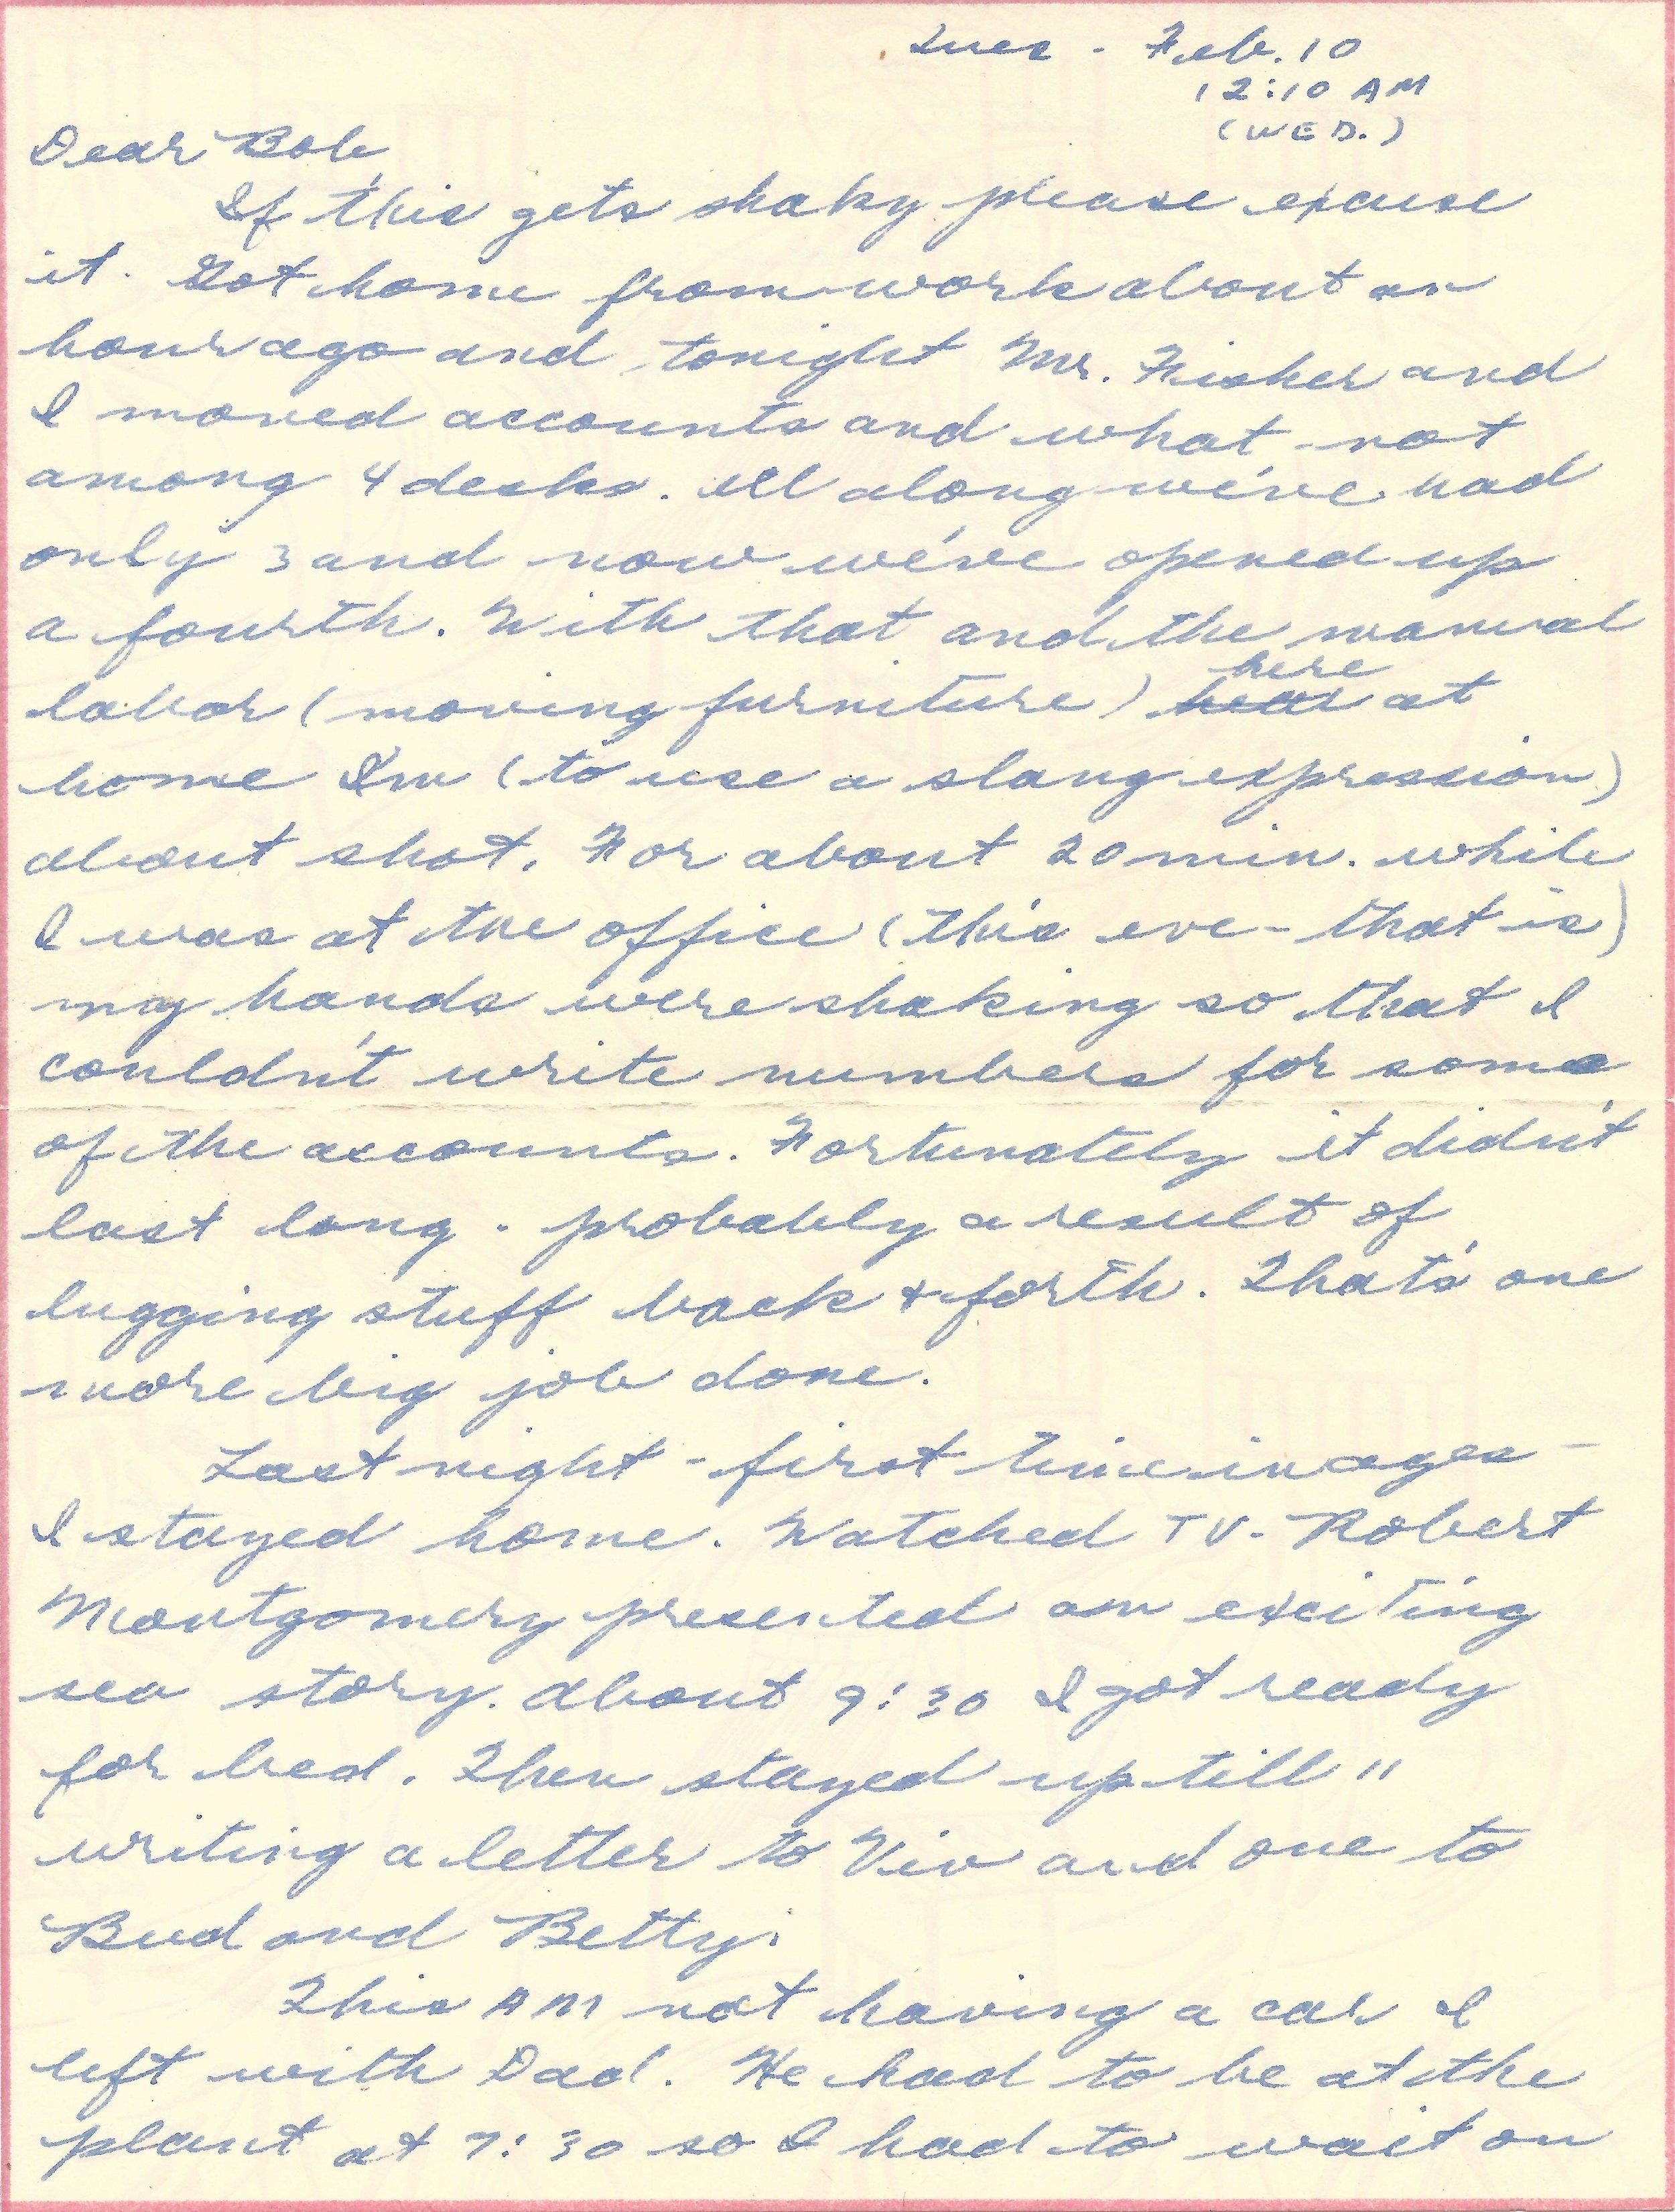 8. Feb. 10, 1953 (Oma)_Page_2.jpg